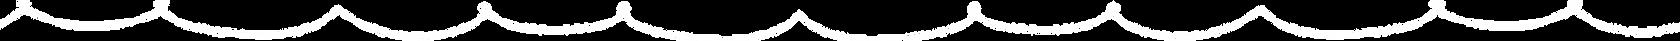 Objeto Inteligente de Vetor copiar 8.png